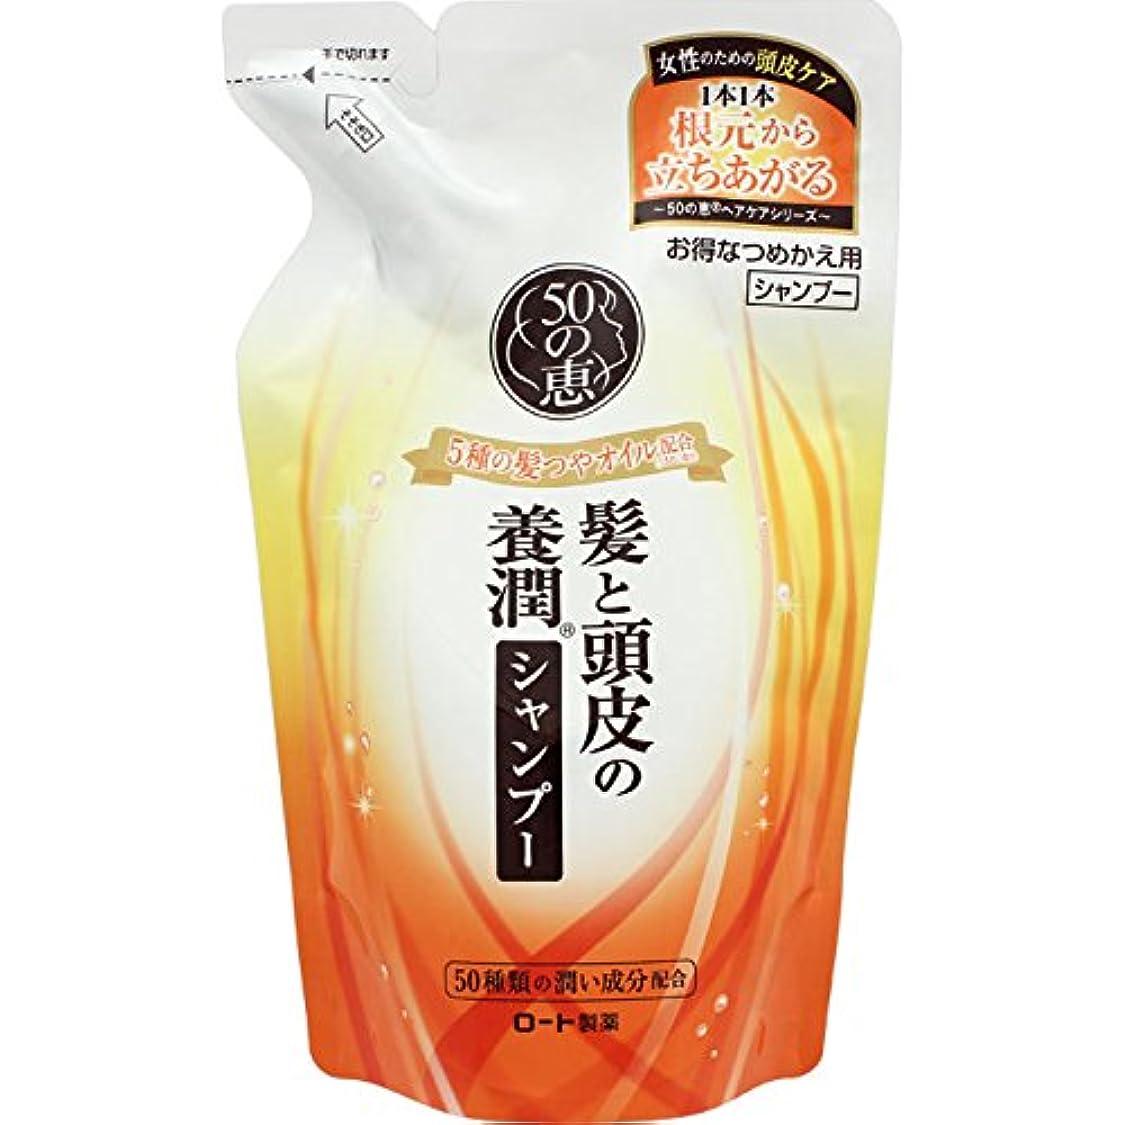 完璧おとこ懲らしめロート製薬 50の恵エイジングケア 髪と頭皮の養潤シャンプー 詰替用 330mL